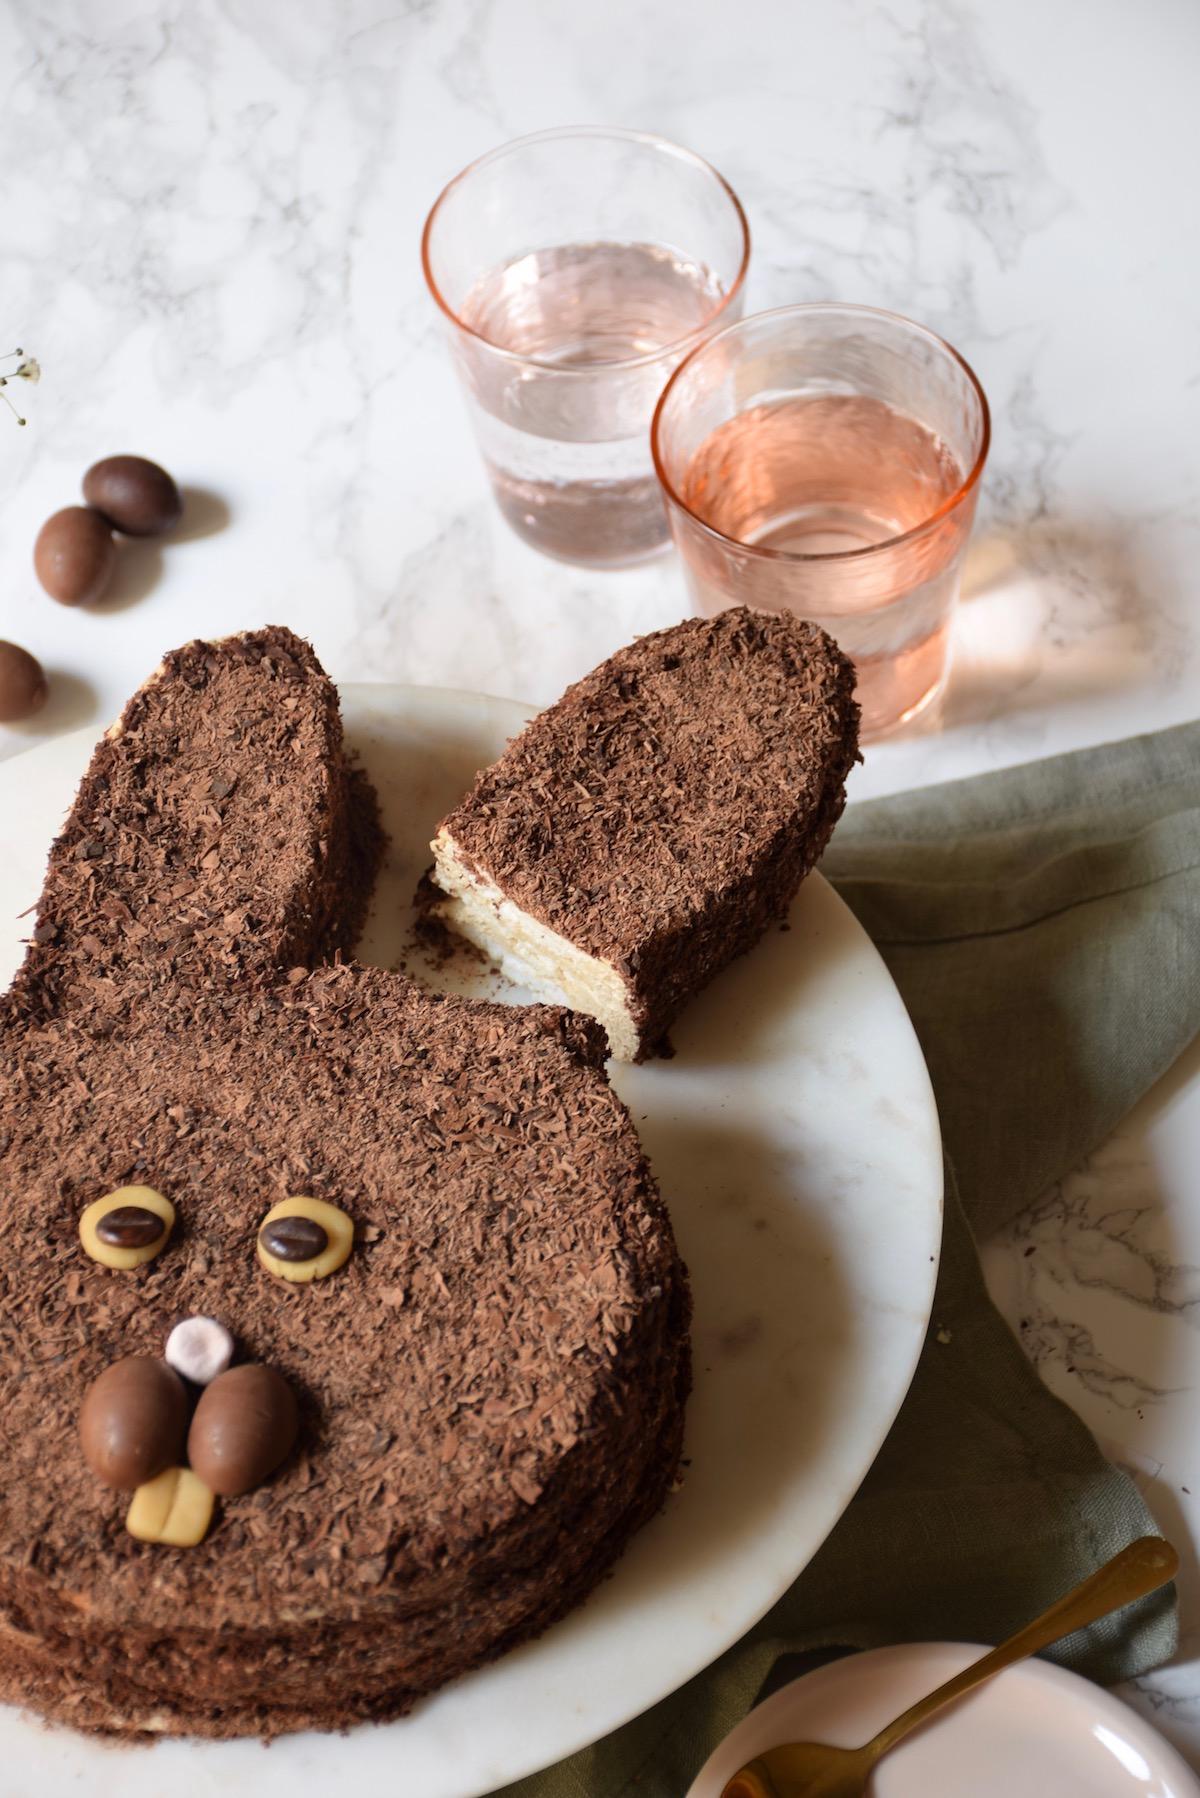 Gâteau merveilleux en forme de lapin